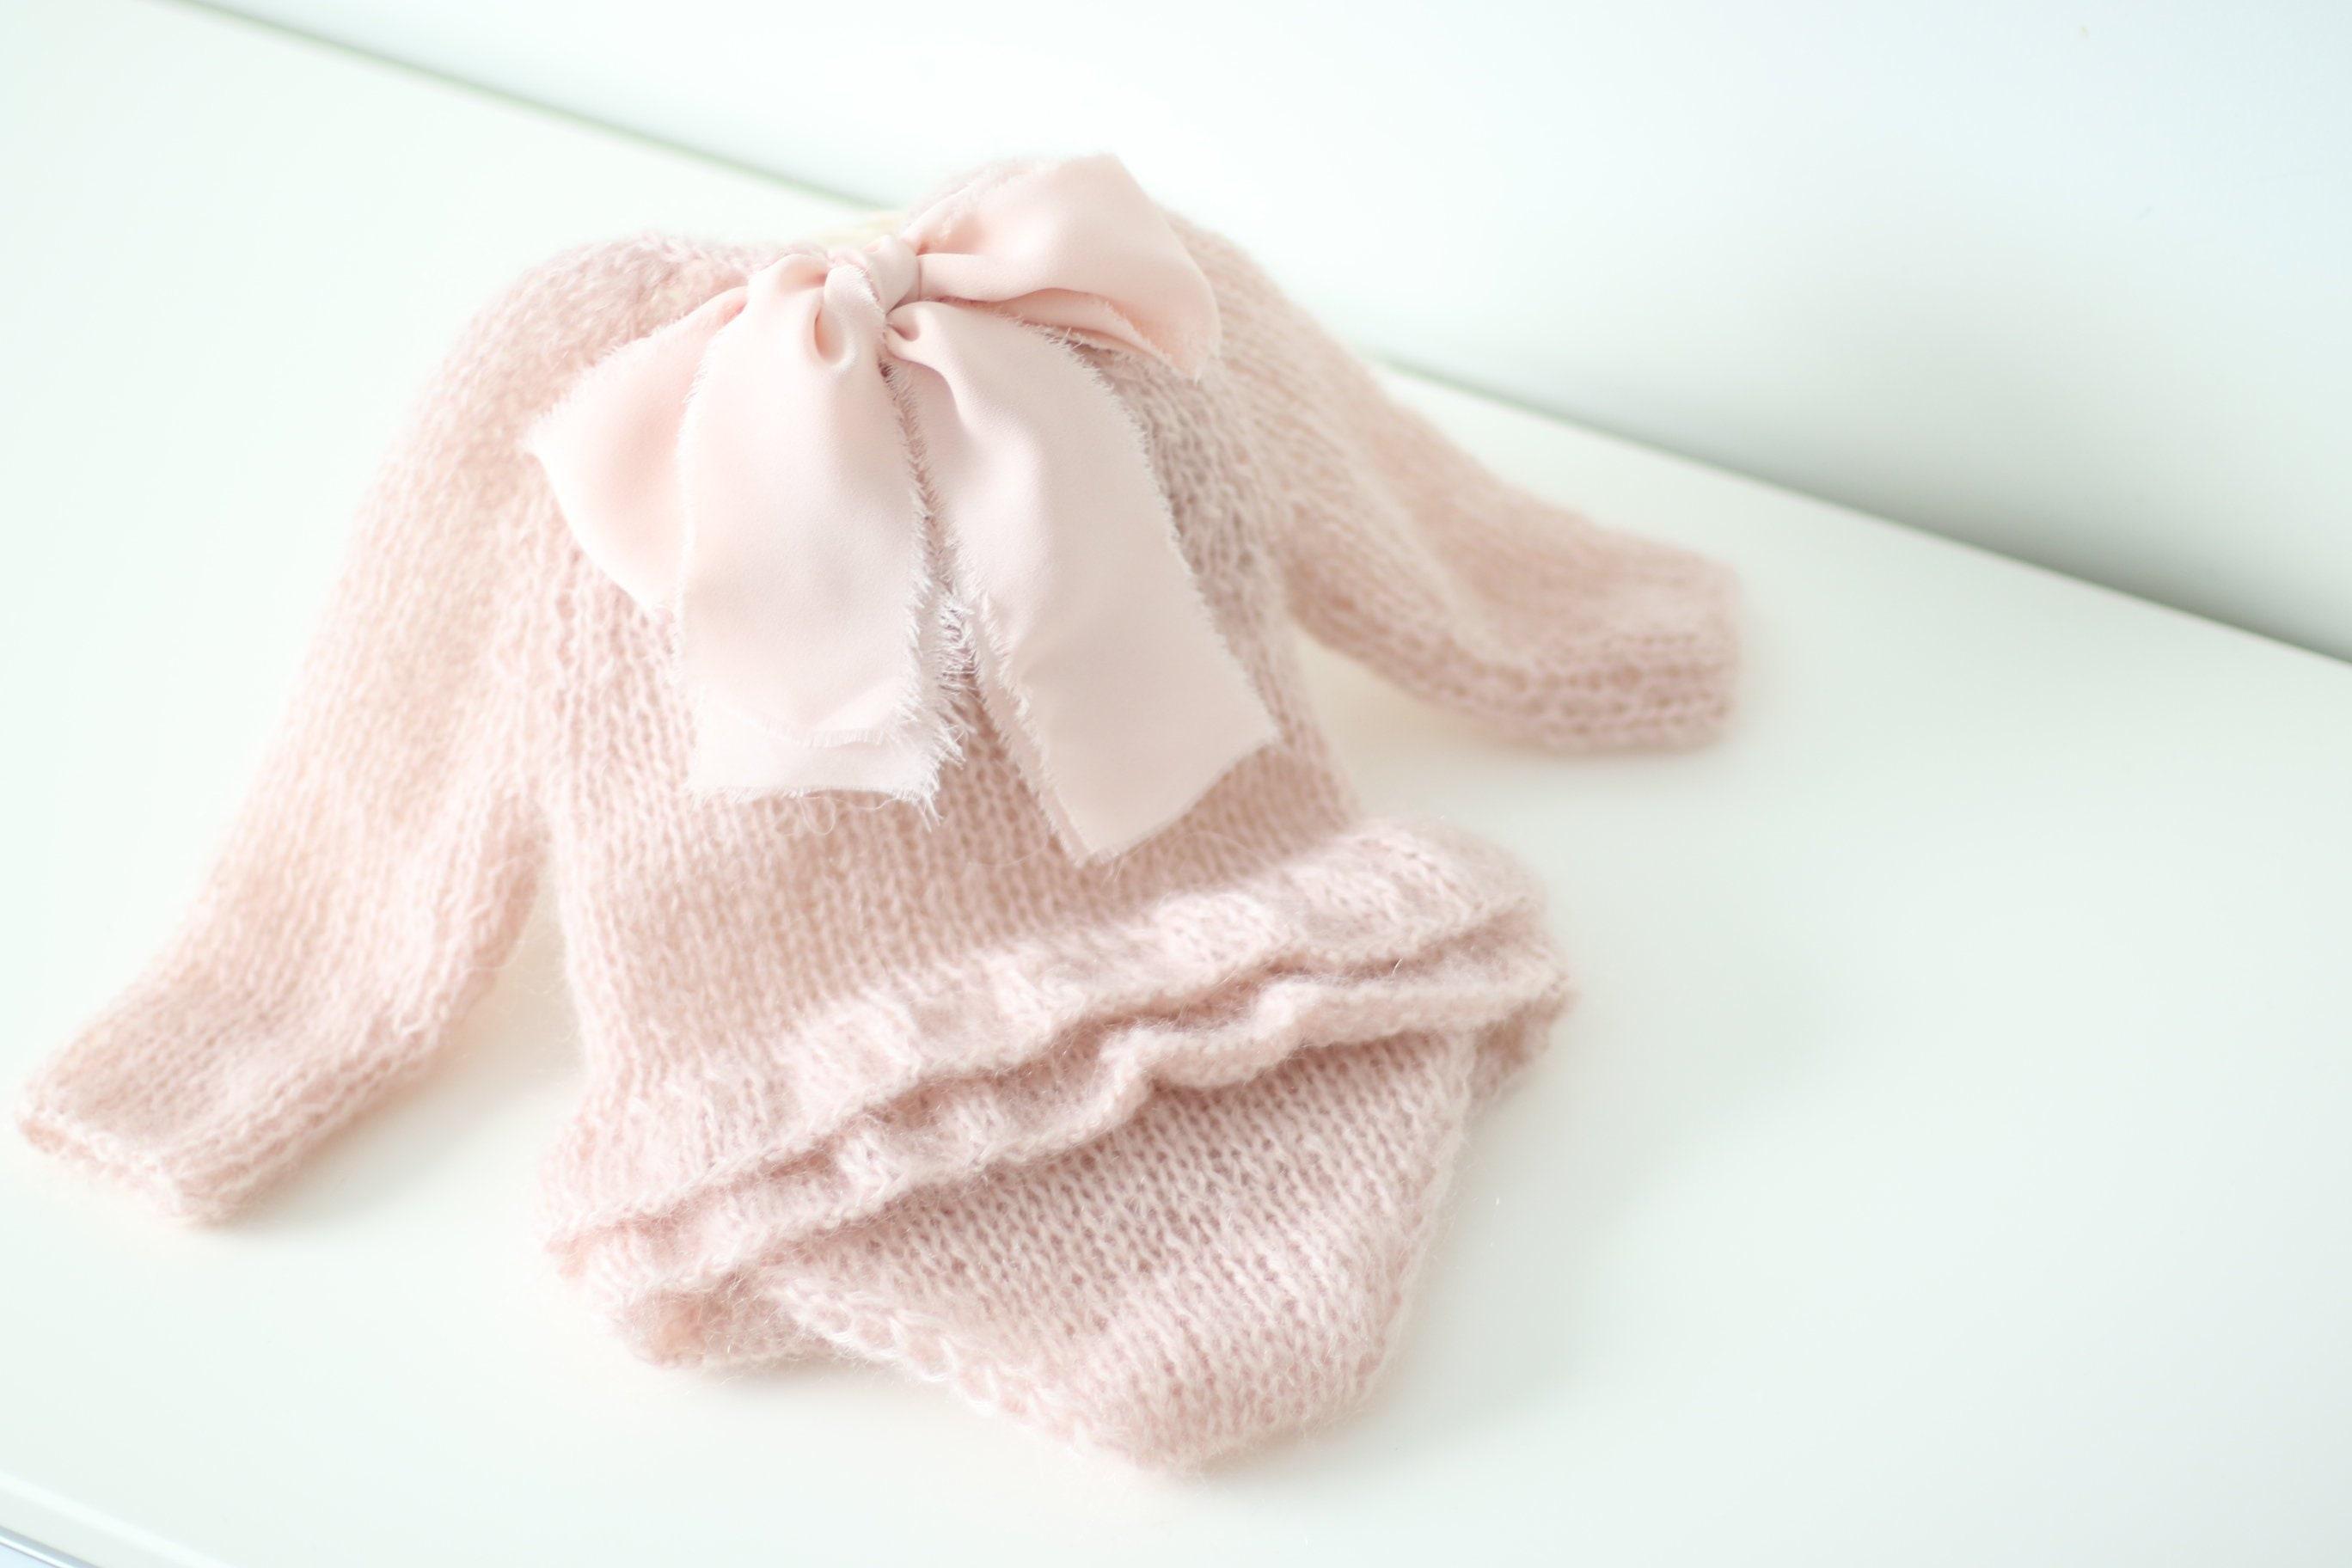 5b533c397ee2 Newborn props - Long sleeve romper - Baby girl props - Photo props ...